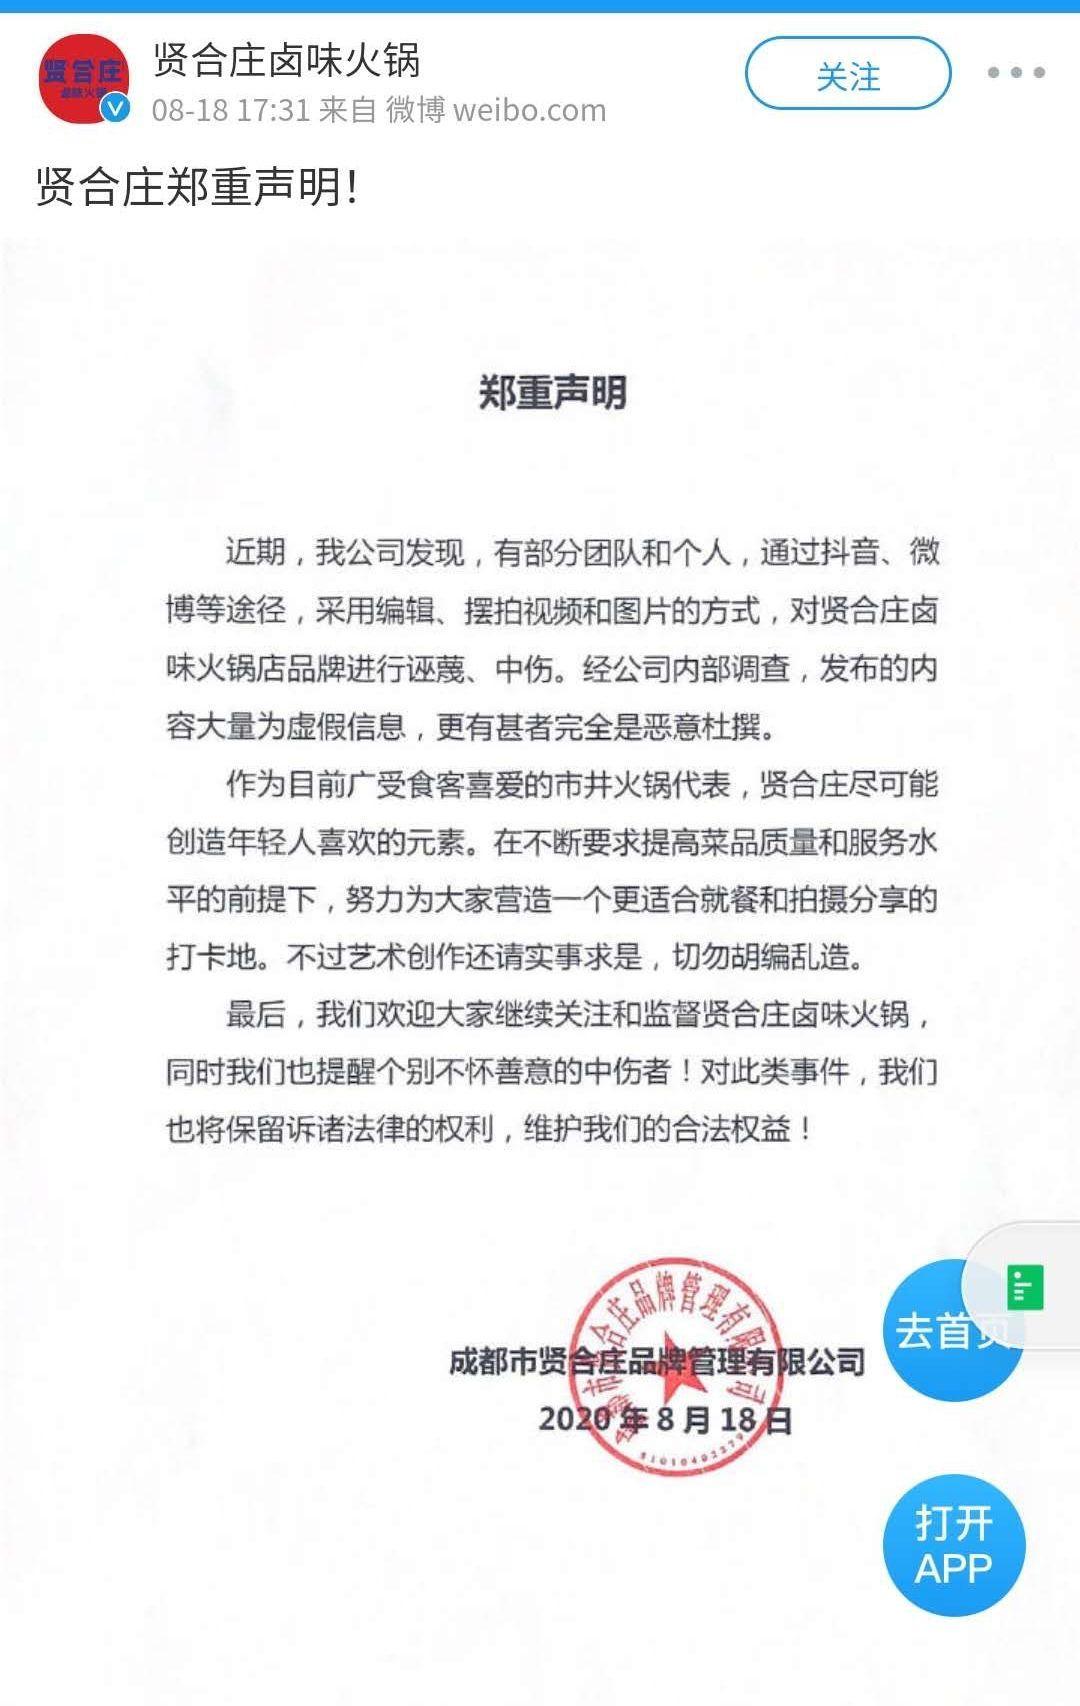 """陈赫投资的贤合庄火锅被曝现蛆虫和防腐剂,回应称是""""恶意杜撰""""插图"""